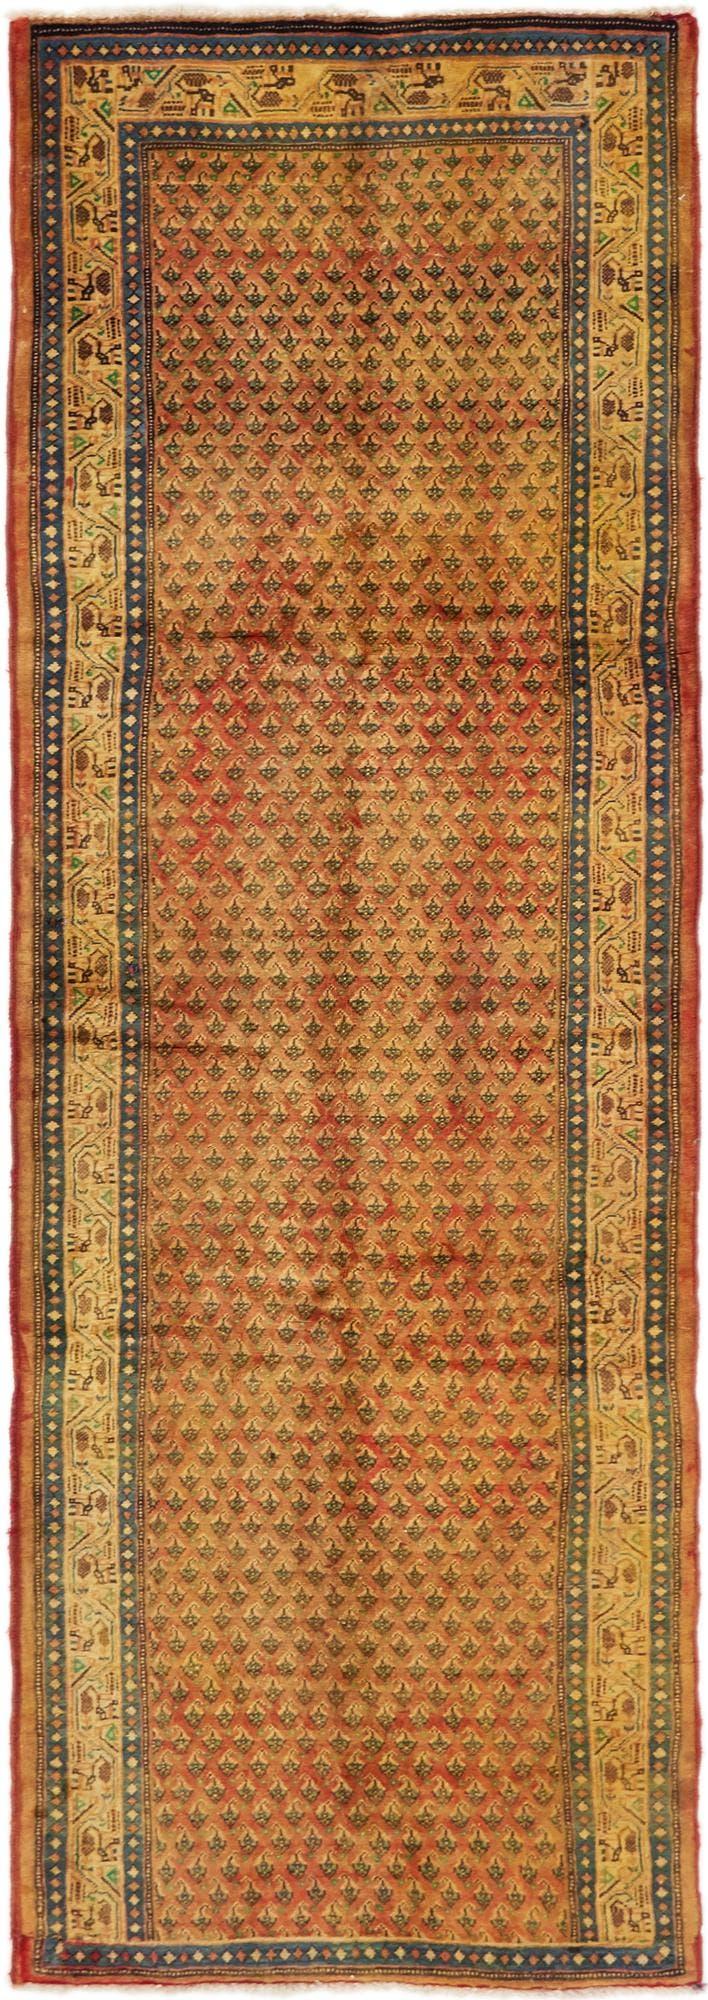 3' 3 x 9' 7 Botemir Persian Runner Rug main image